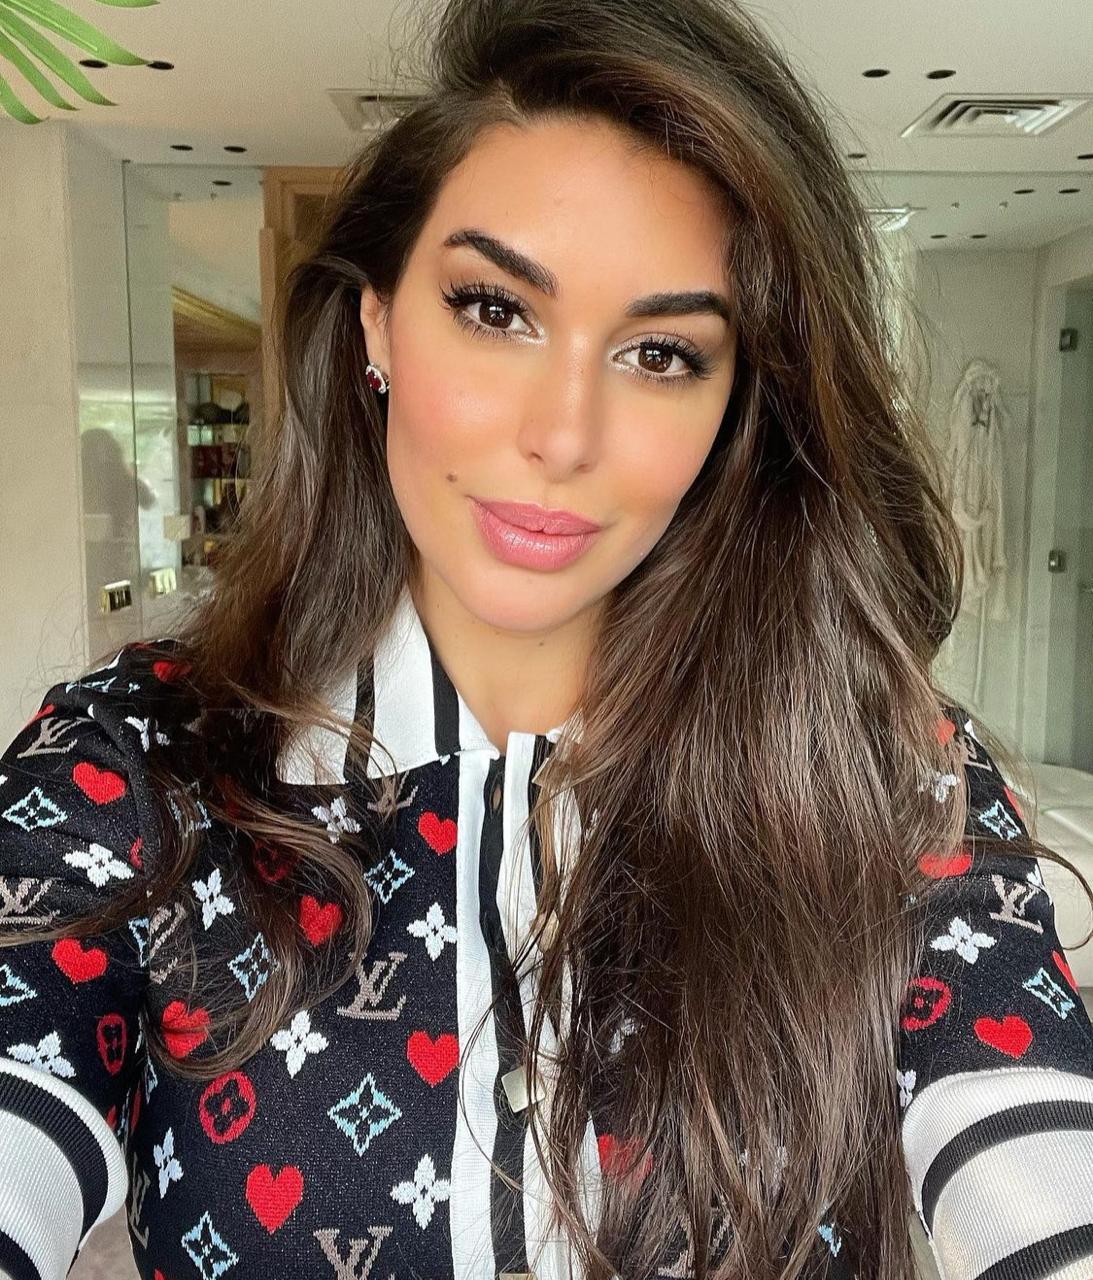 ياسمين صبري باحمر الشفاة الزهري -الصورة من حسابها على الانستغرام